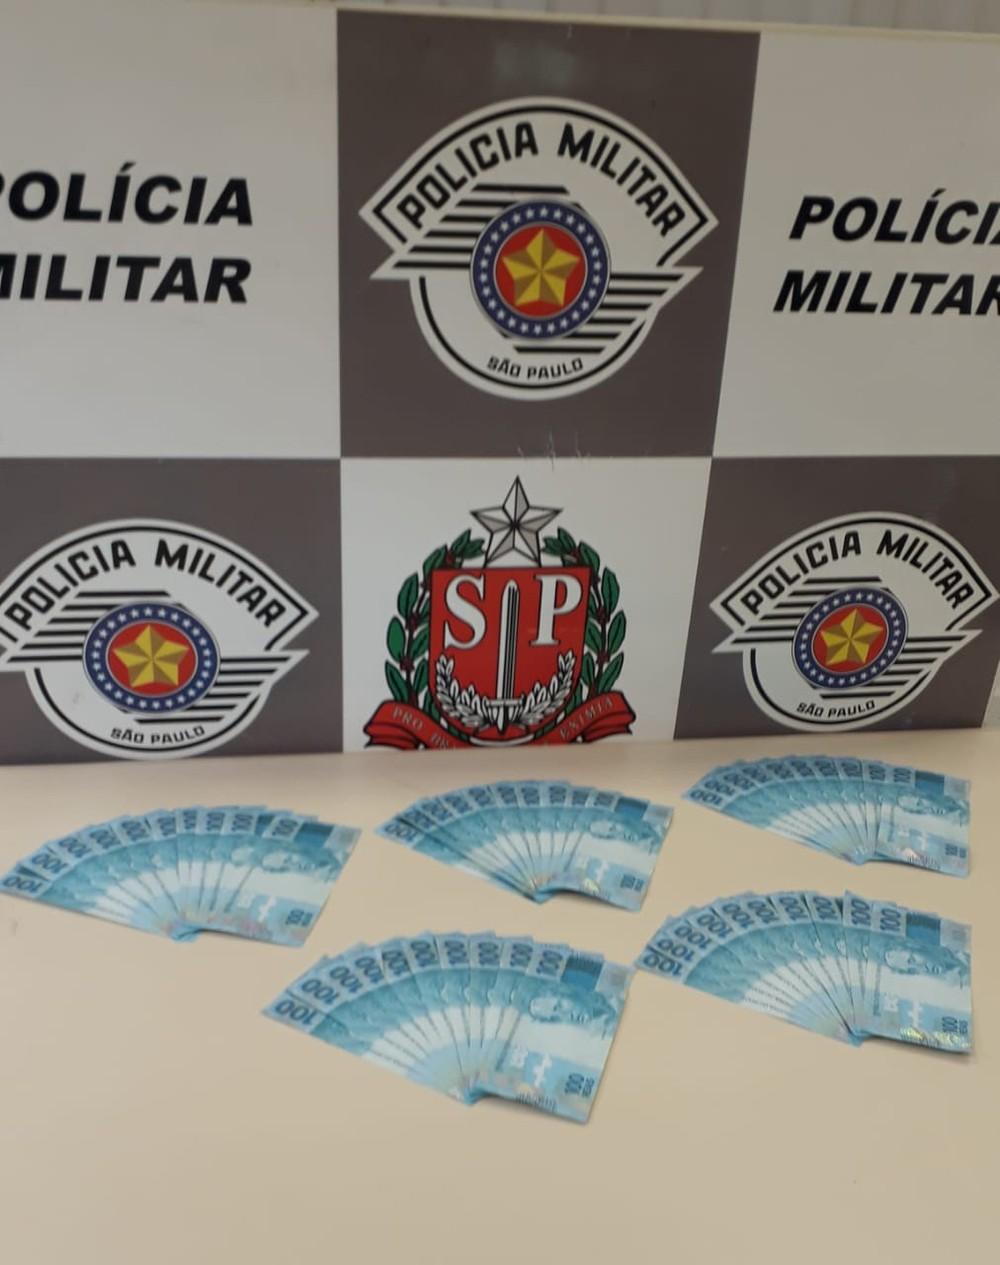 Notas de R$ 100 estavam com a mulher de 62 anos — Foto: Polícia Militar